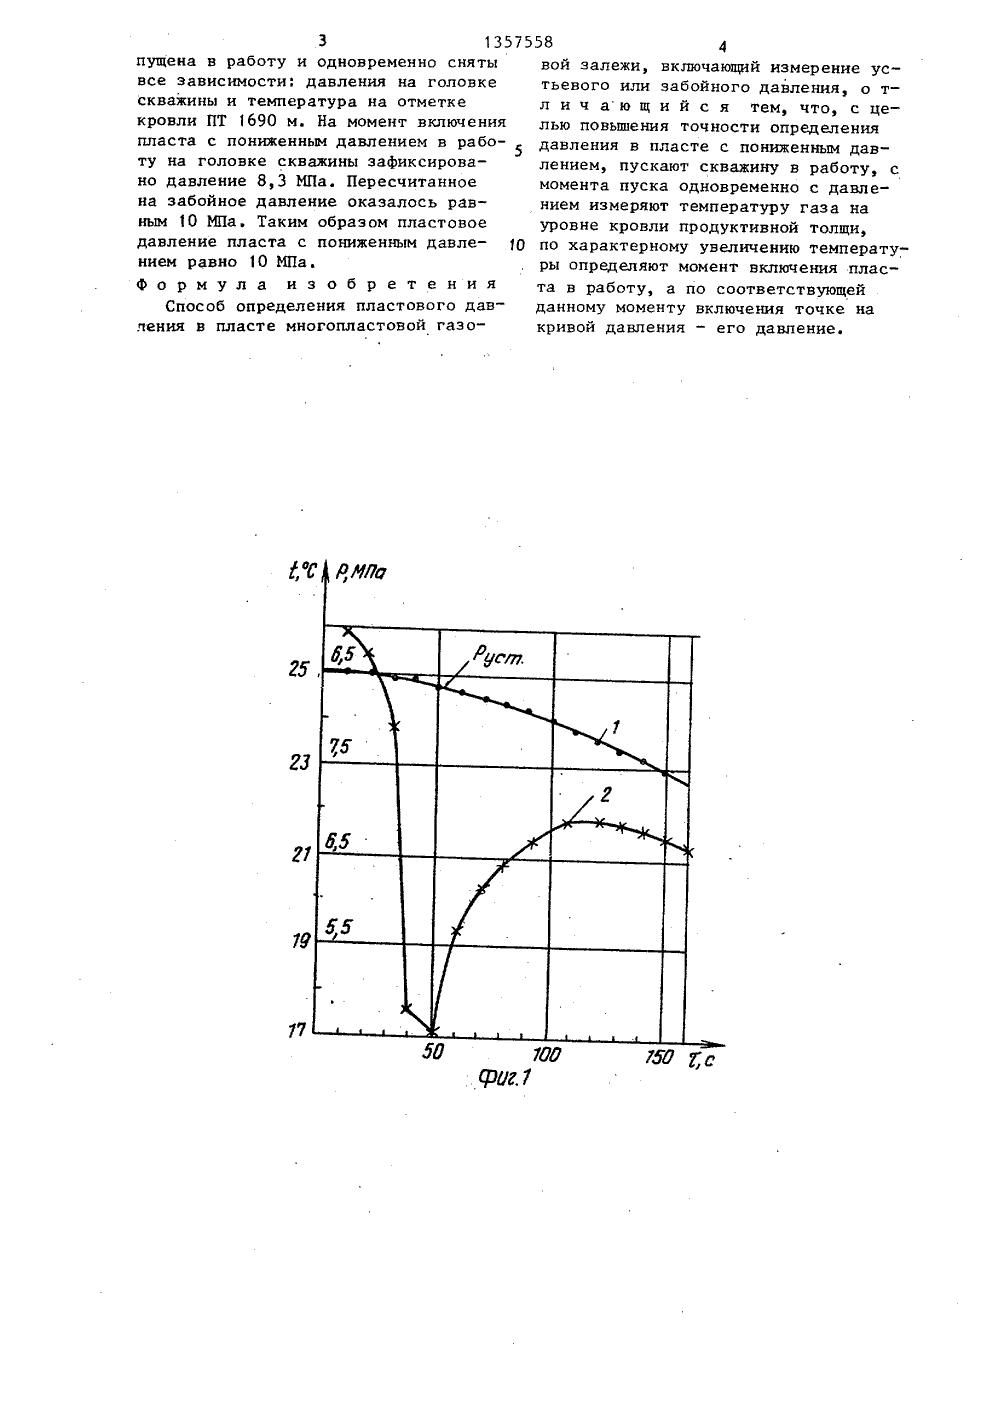 зотов алиев инструкция по комплексному исследованию газовых и газоконденсатных пластов и скважин